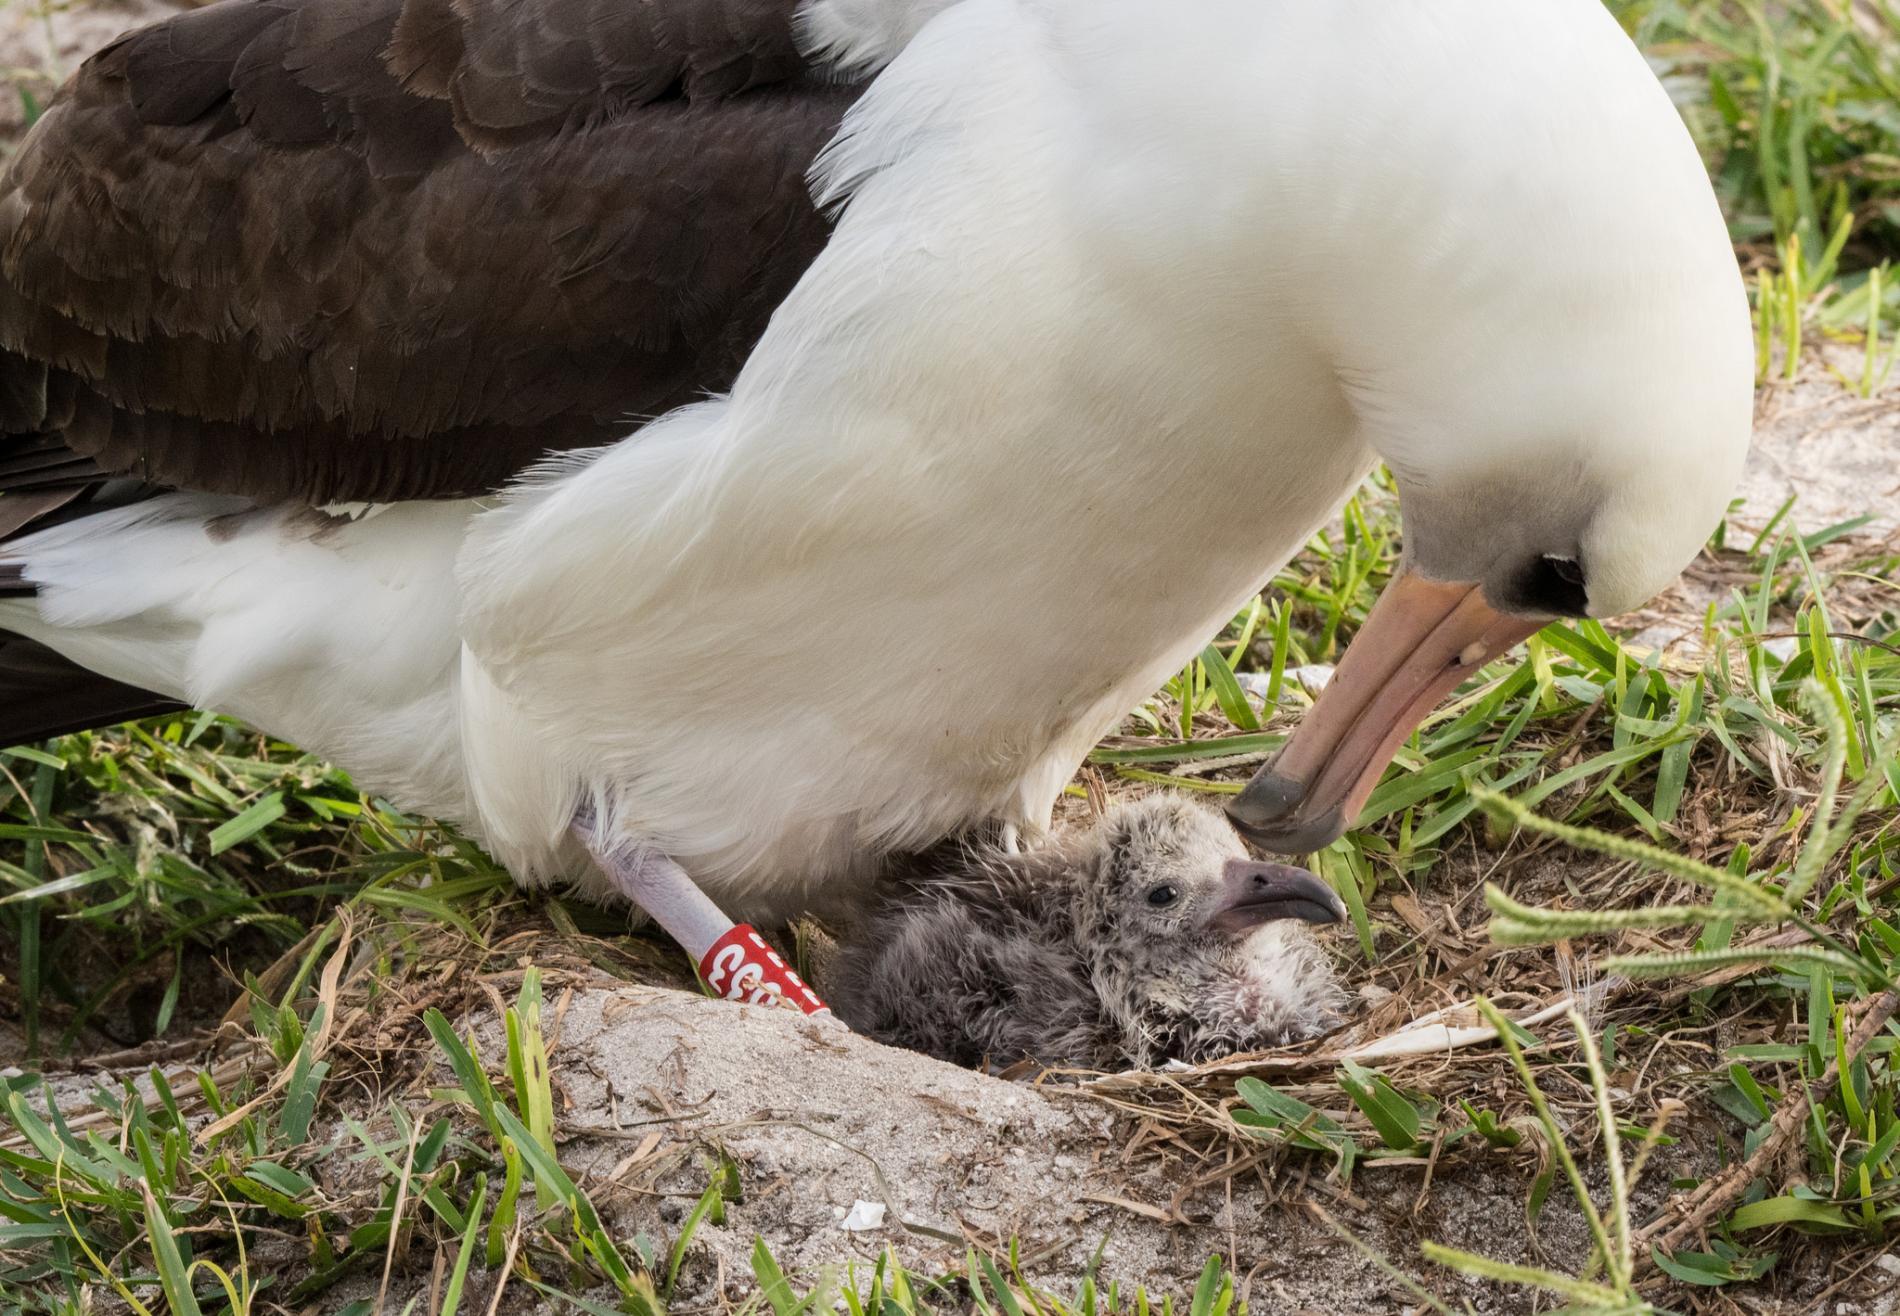 Η «σούπερ-μαμά» της φύσης – Το μεγαλύτερο σε ηλικία πουλί στον κόσμο  έχει και πάλι μωρό στα 66 του